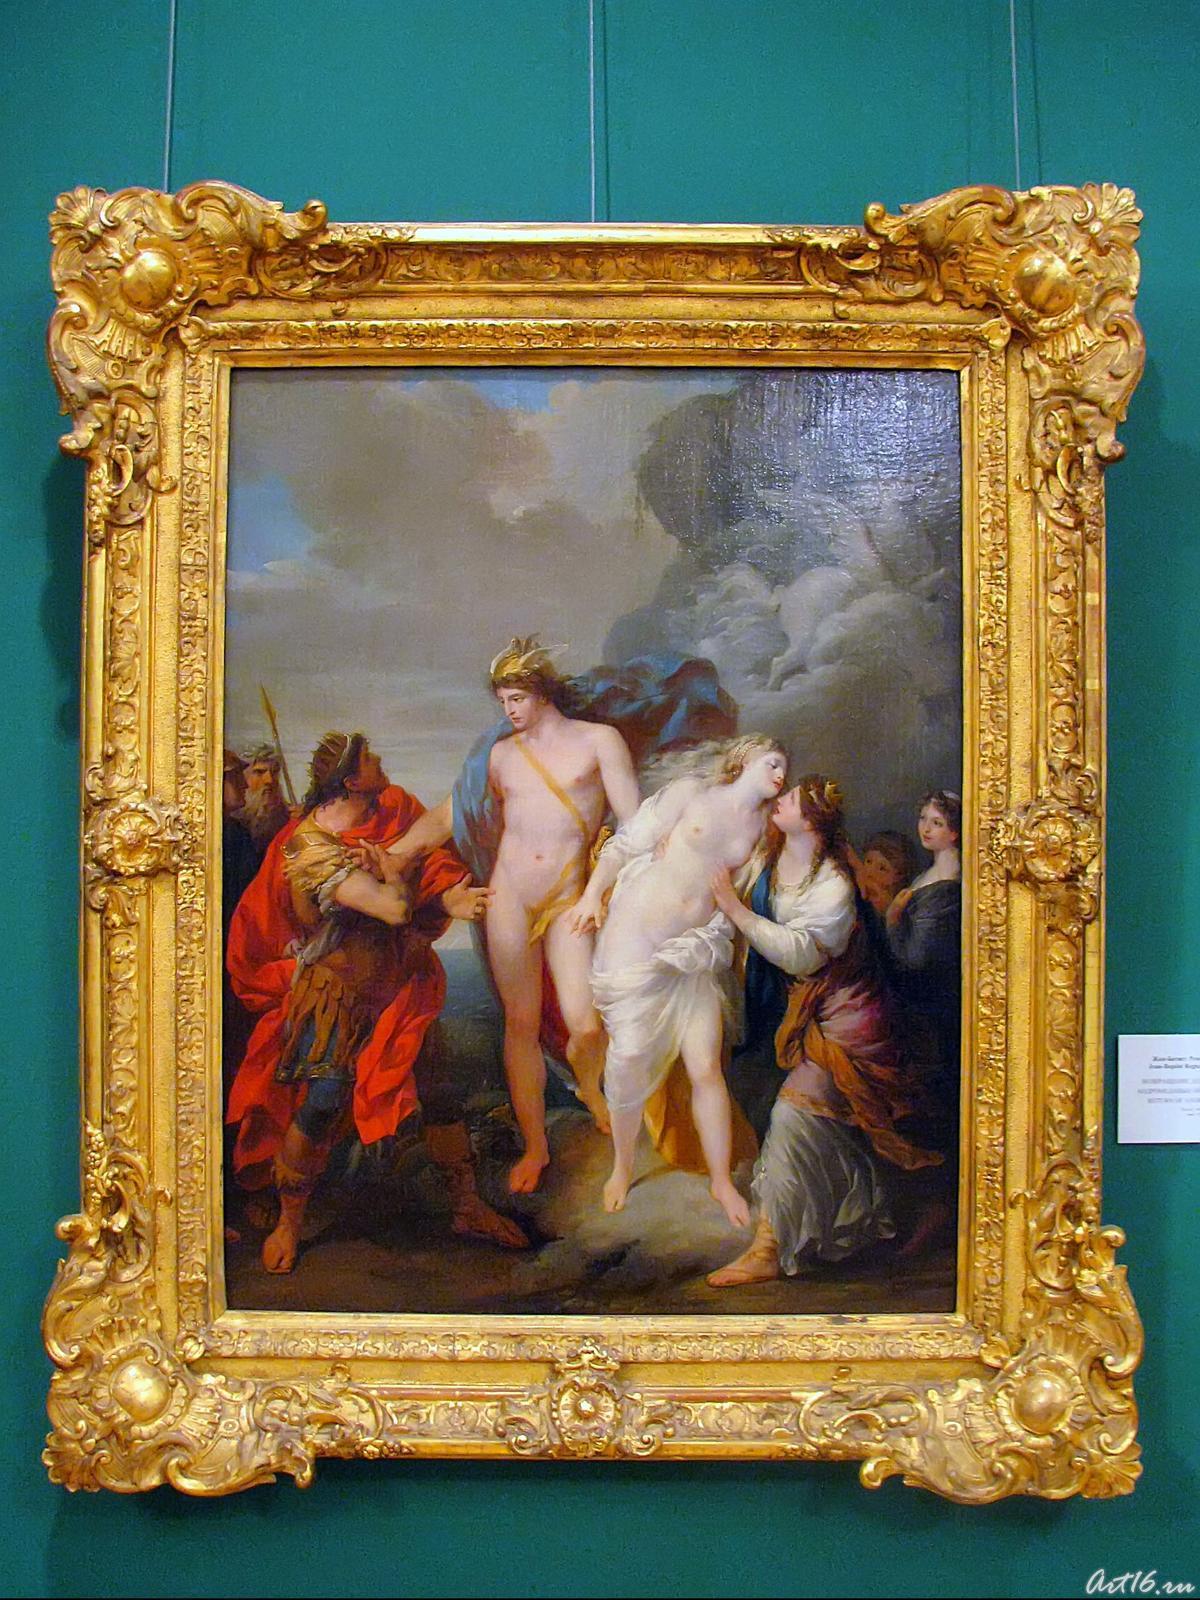 Фото №35679. Возвращение Андромеды. 1782